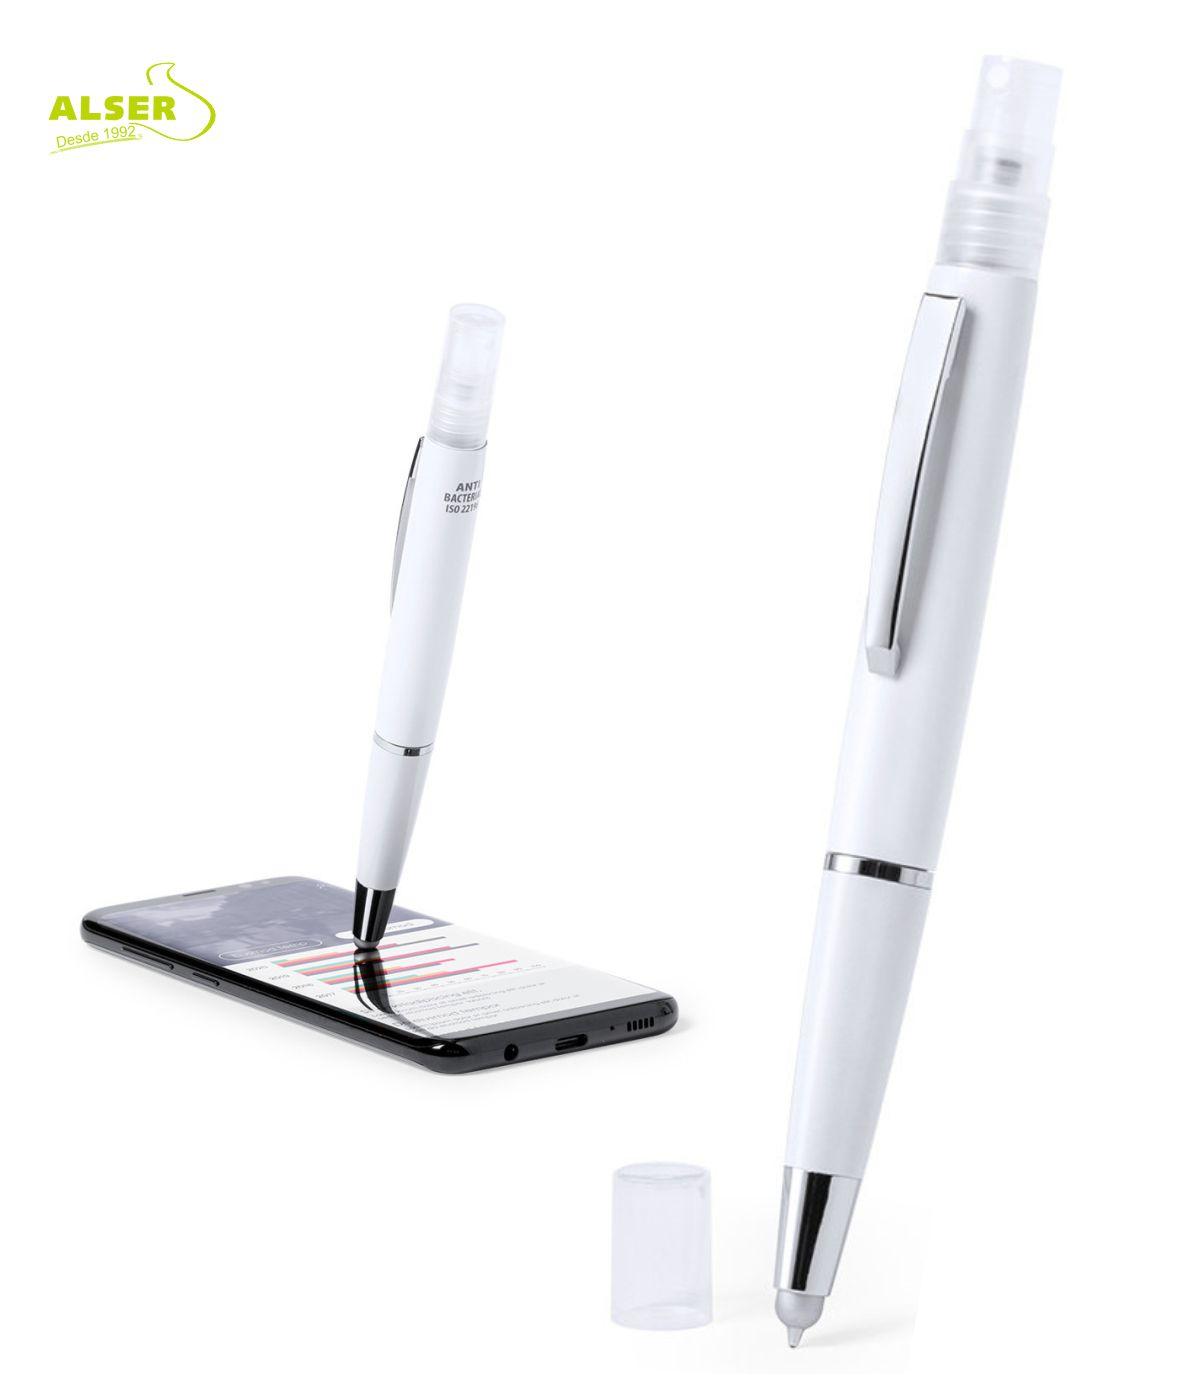 Bolígrafo pulverizador touch para interactuar con pantallas